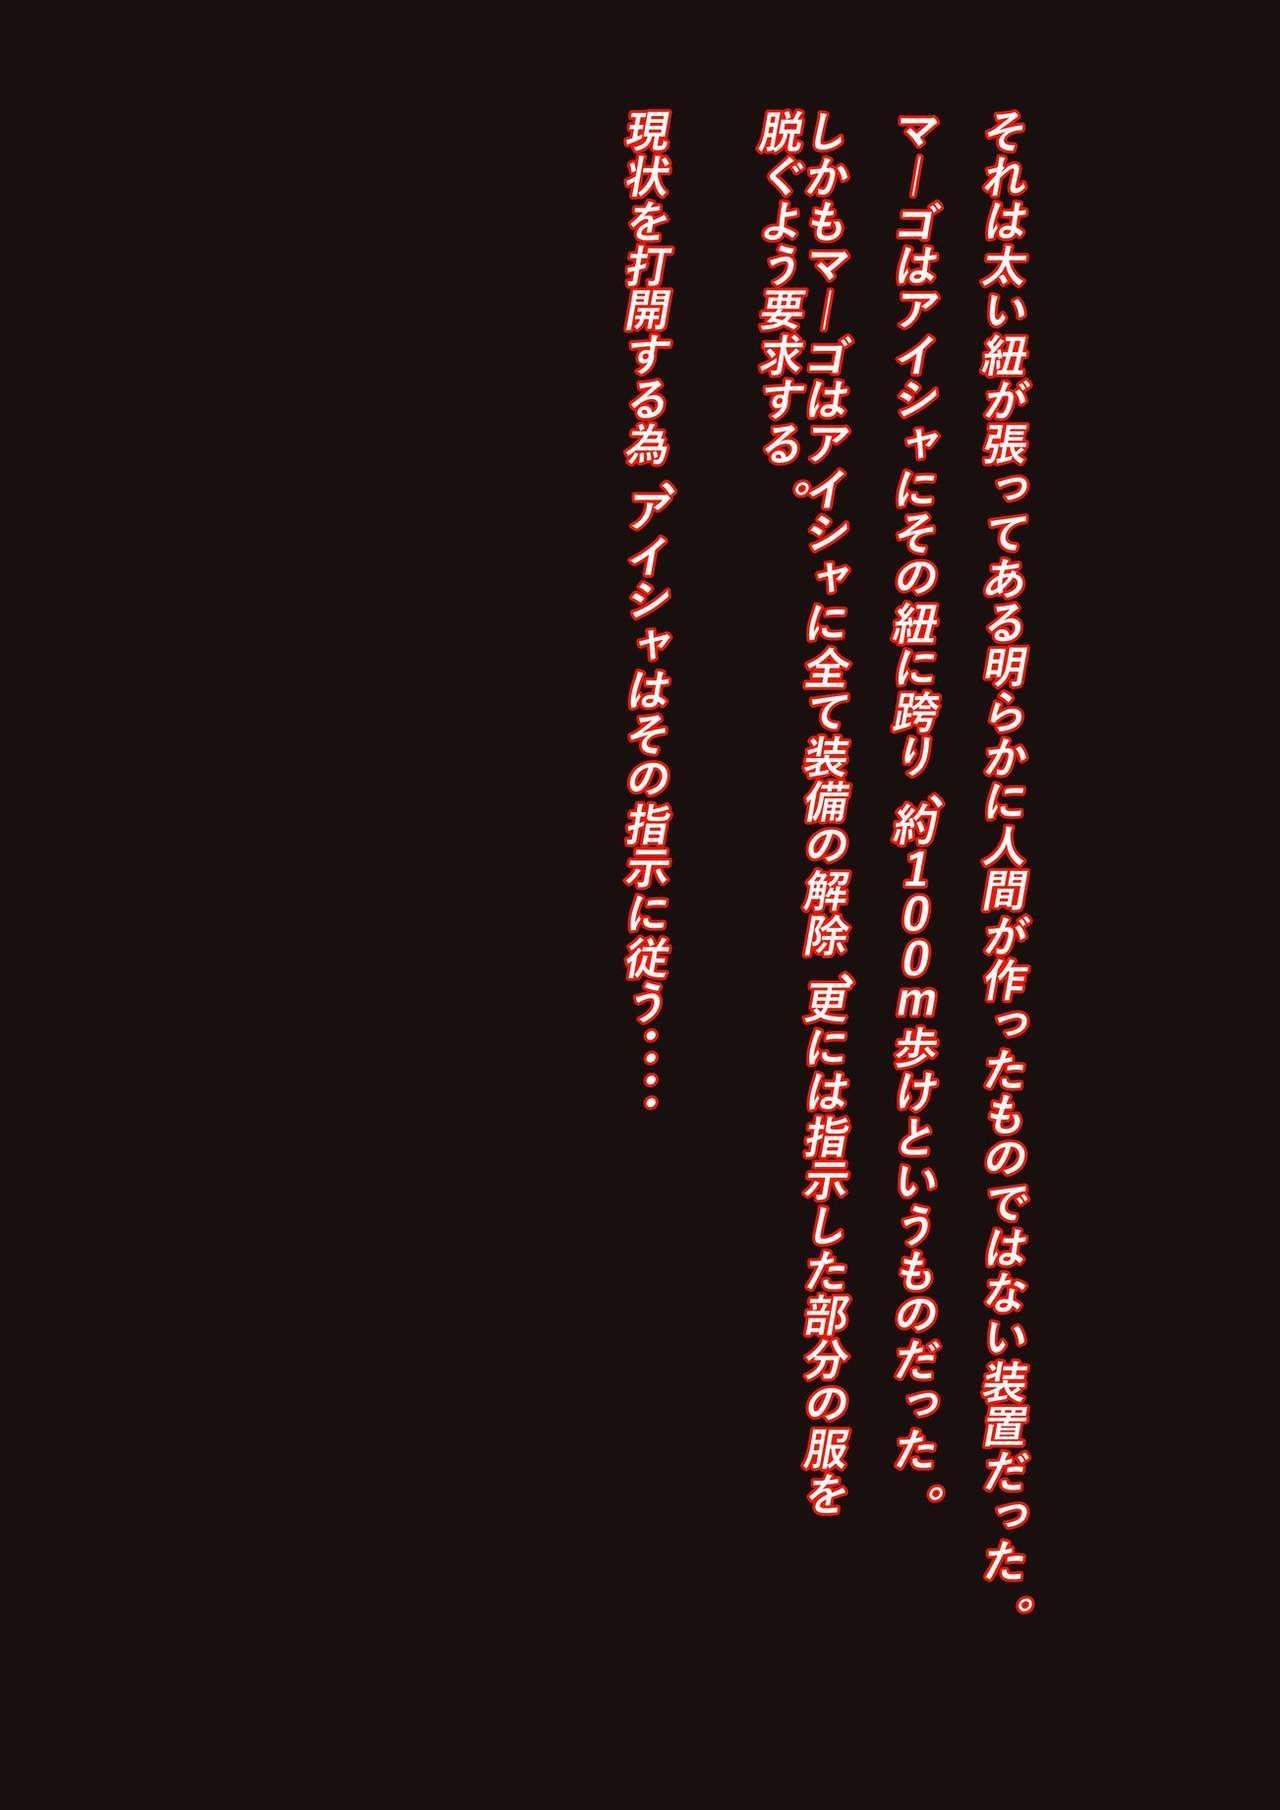 マーゴハンターアイシャ 淫虐の股縄装置の罠 2